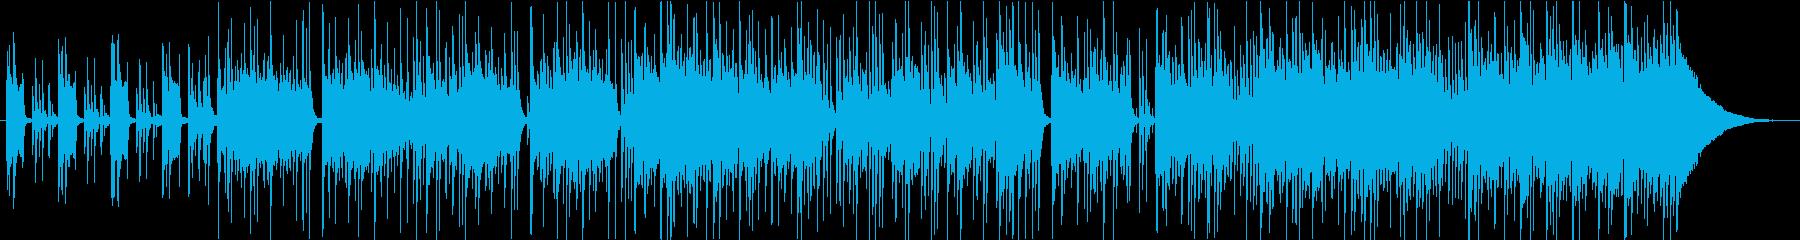 ドラムマシンとスライドギターをフィ...の再生済みの波形